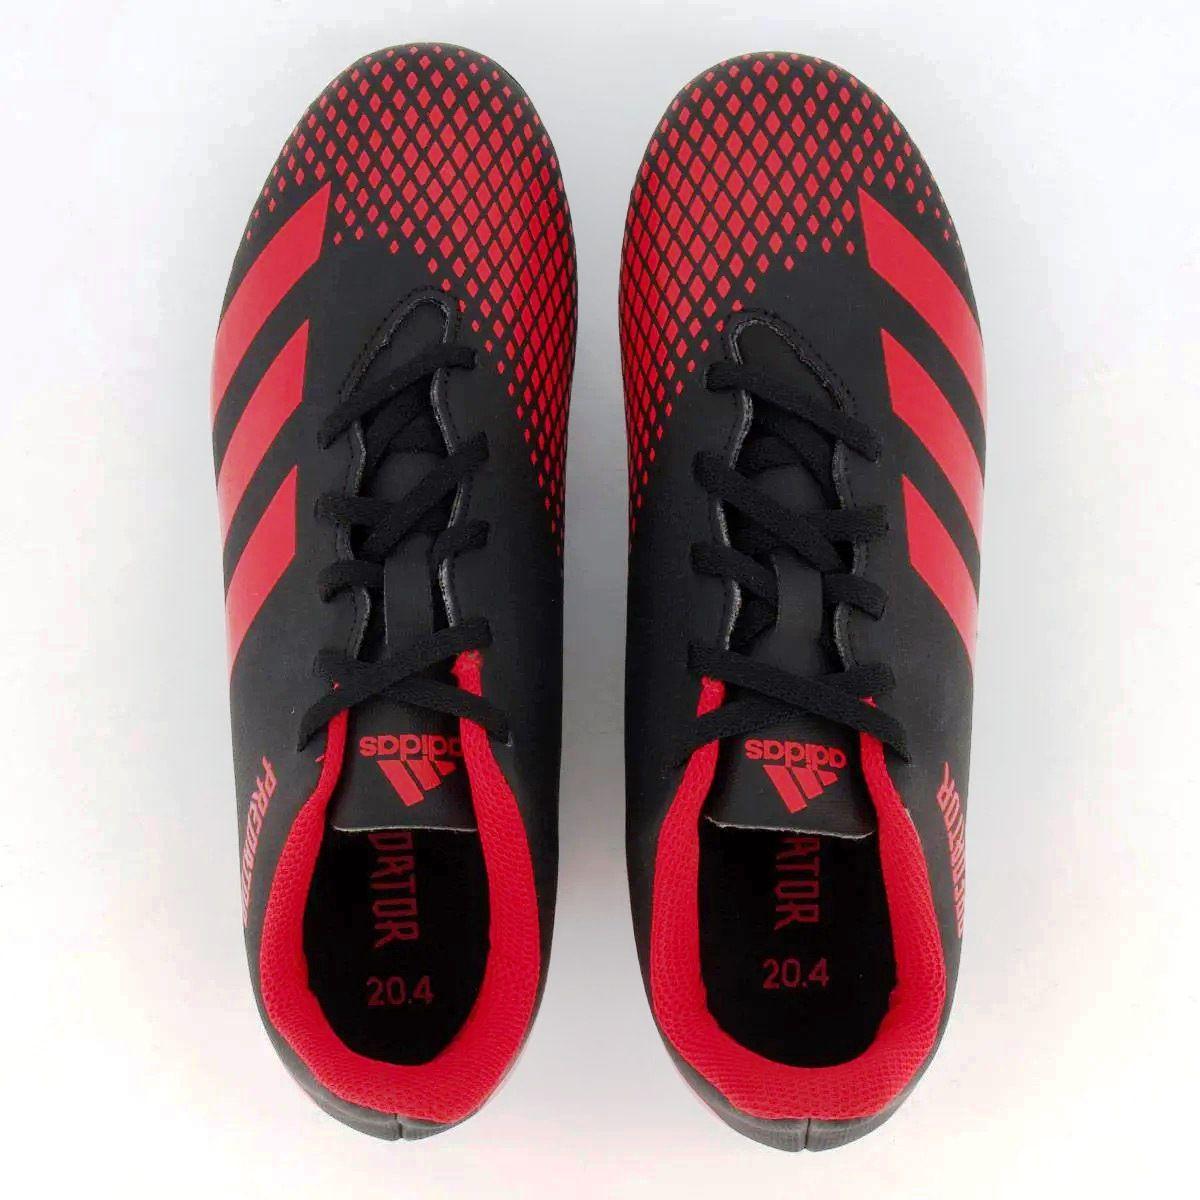 Chuteira Campo Adidas Predator 20.4 FG - Preto/Vermelho